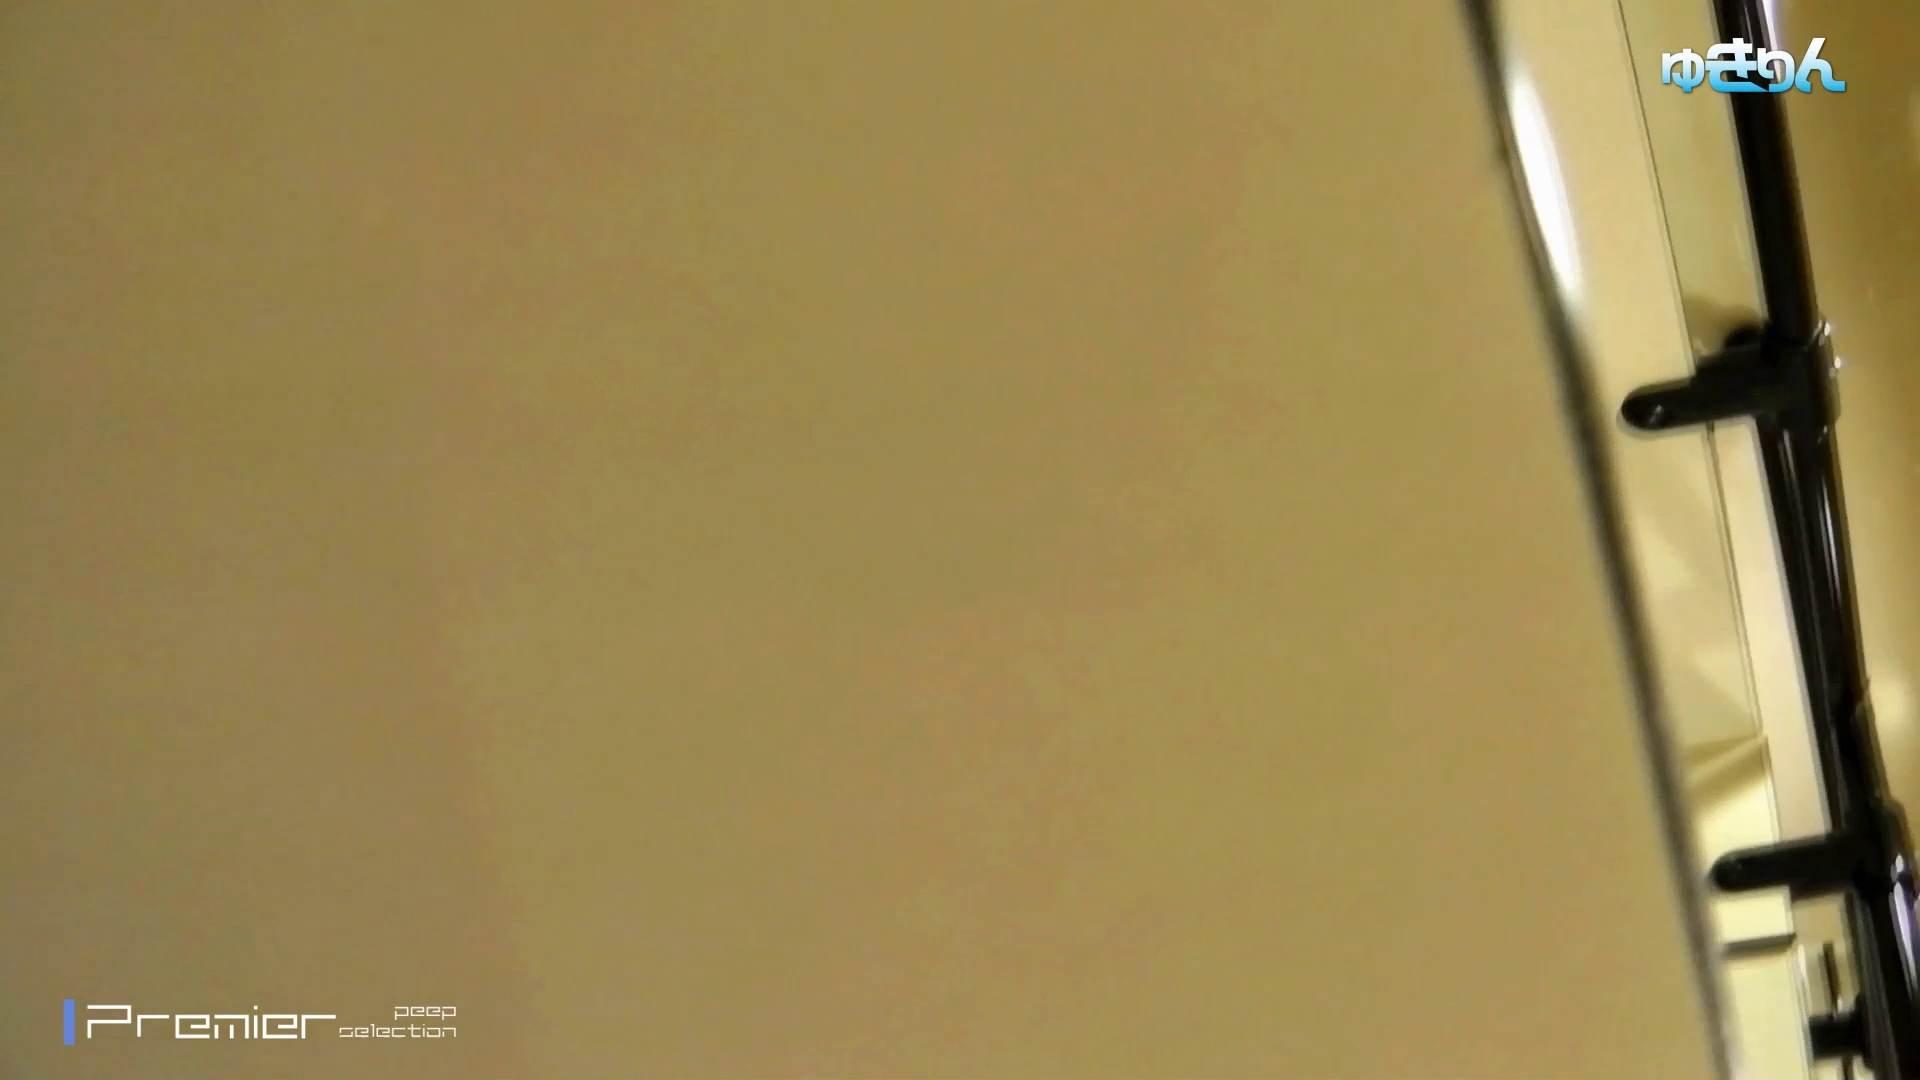 新世界の射窓 No89 あの有名のショーに出ているモデルが偶然に利用するという 洗面所   0  58pic 39